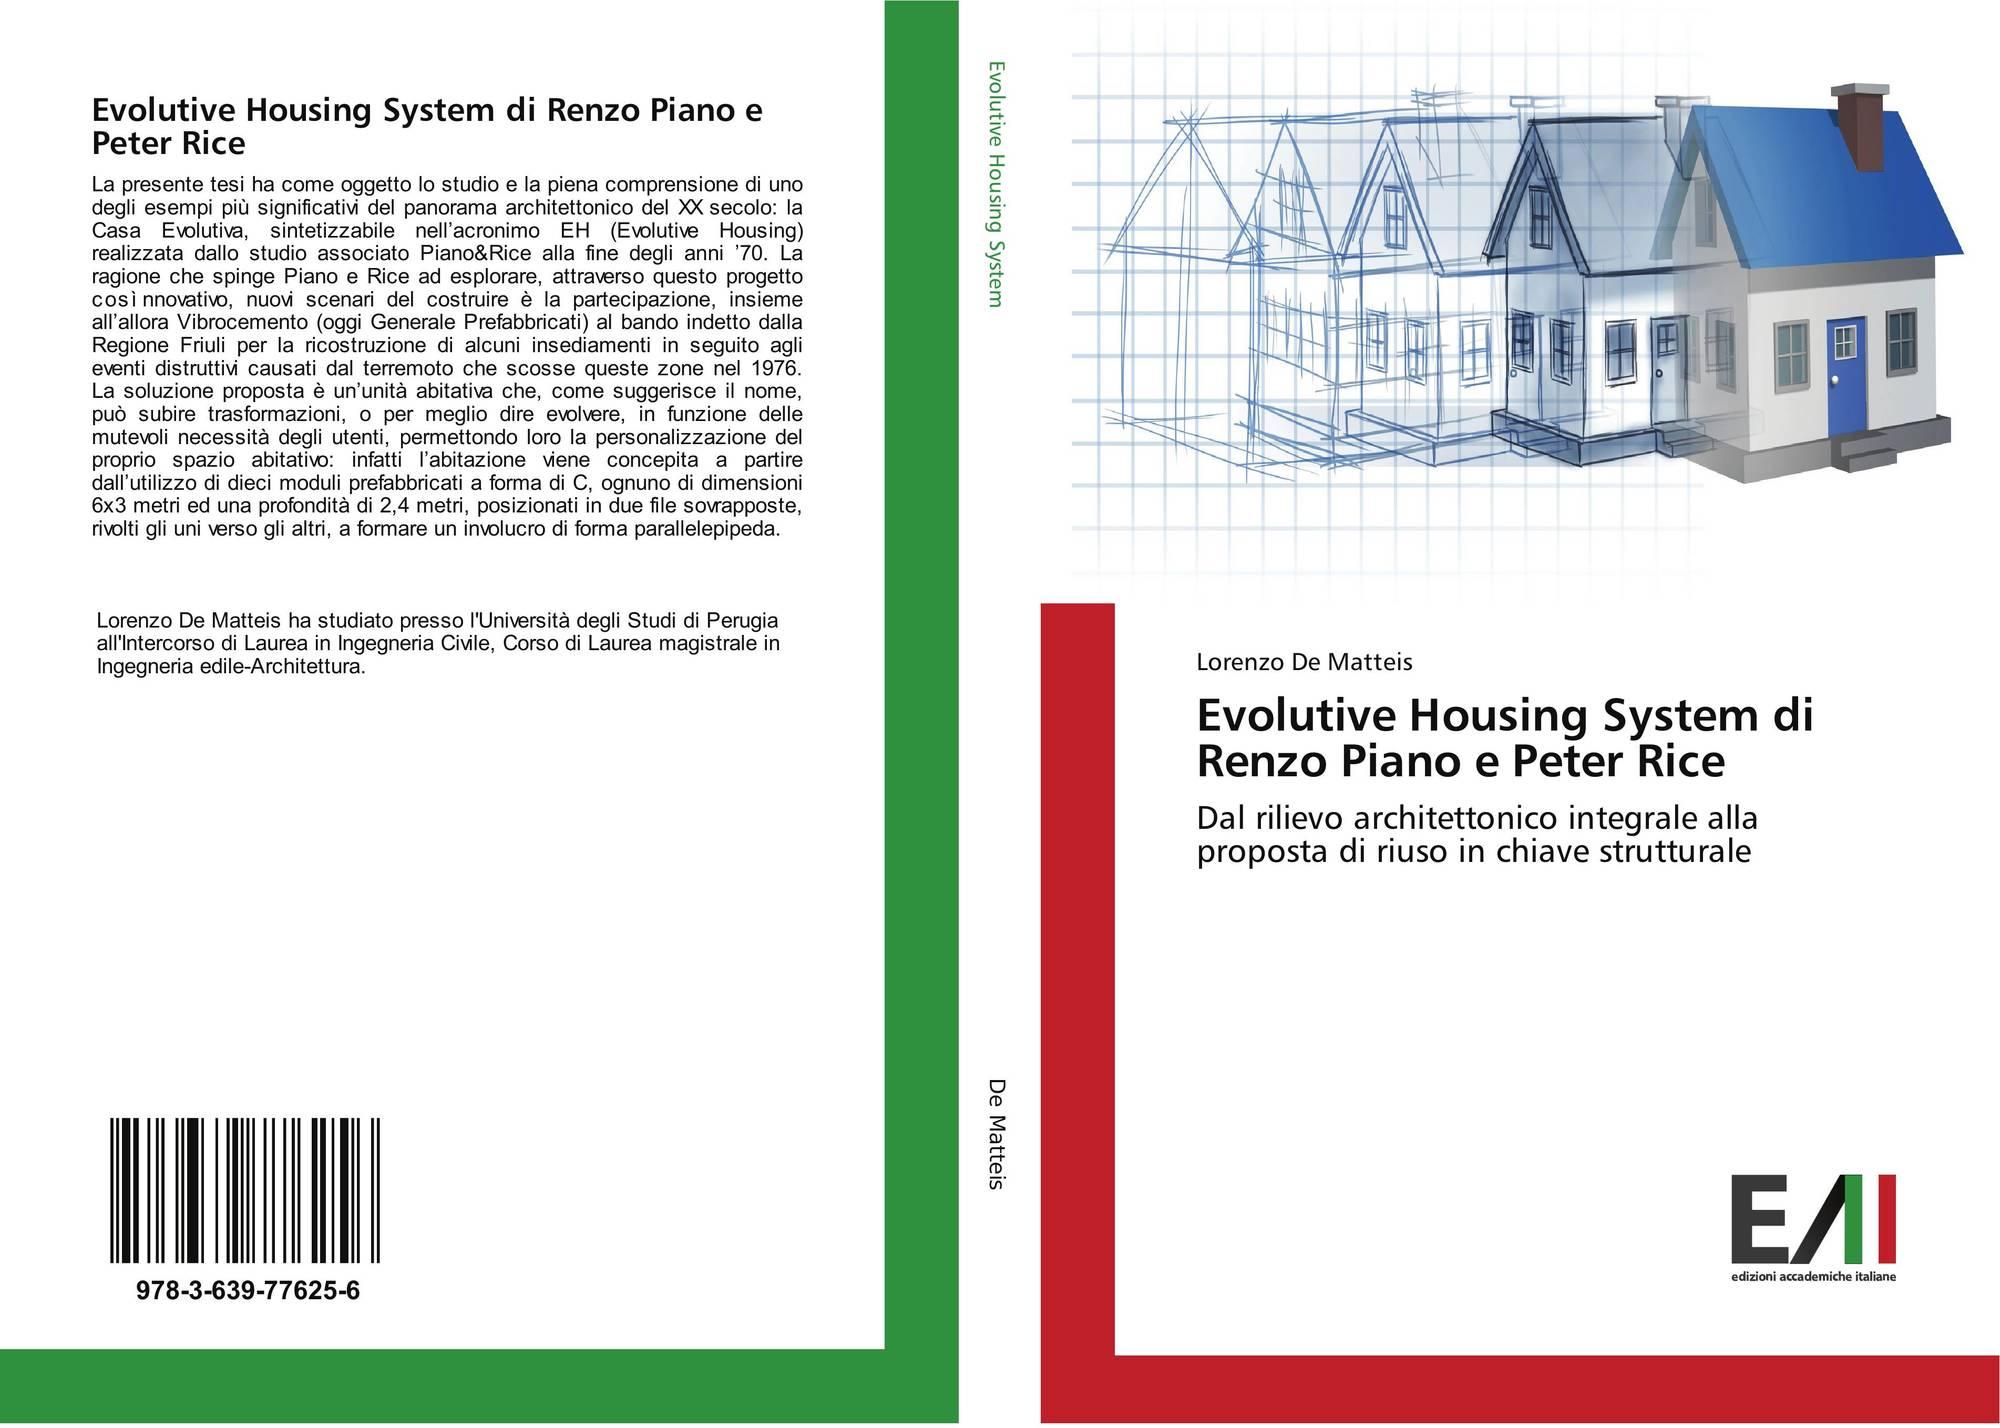 Evolutive Housing System Di Renzo Piano E Peter Rice 978 3 639 77625 6 3639776259 9783639776256 By Lorenzo De Matteis